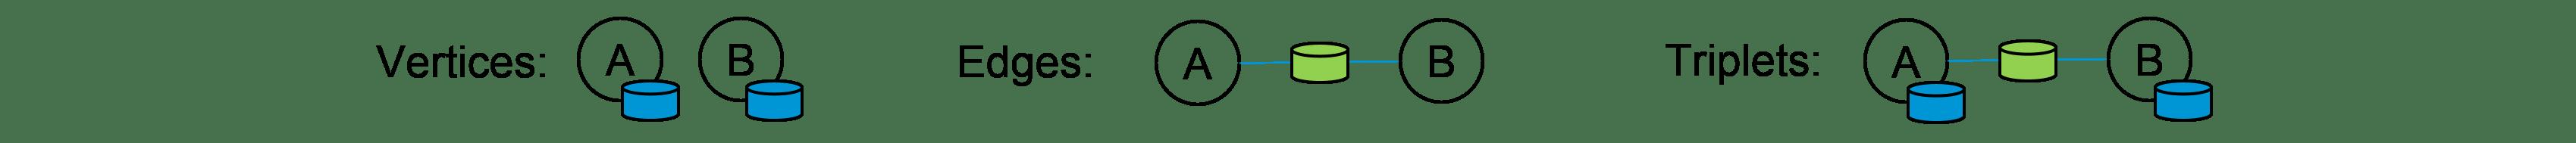 Graphx vaquarkhan vk wiki. Graph clipart data sheet